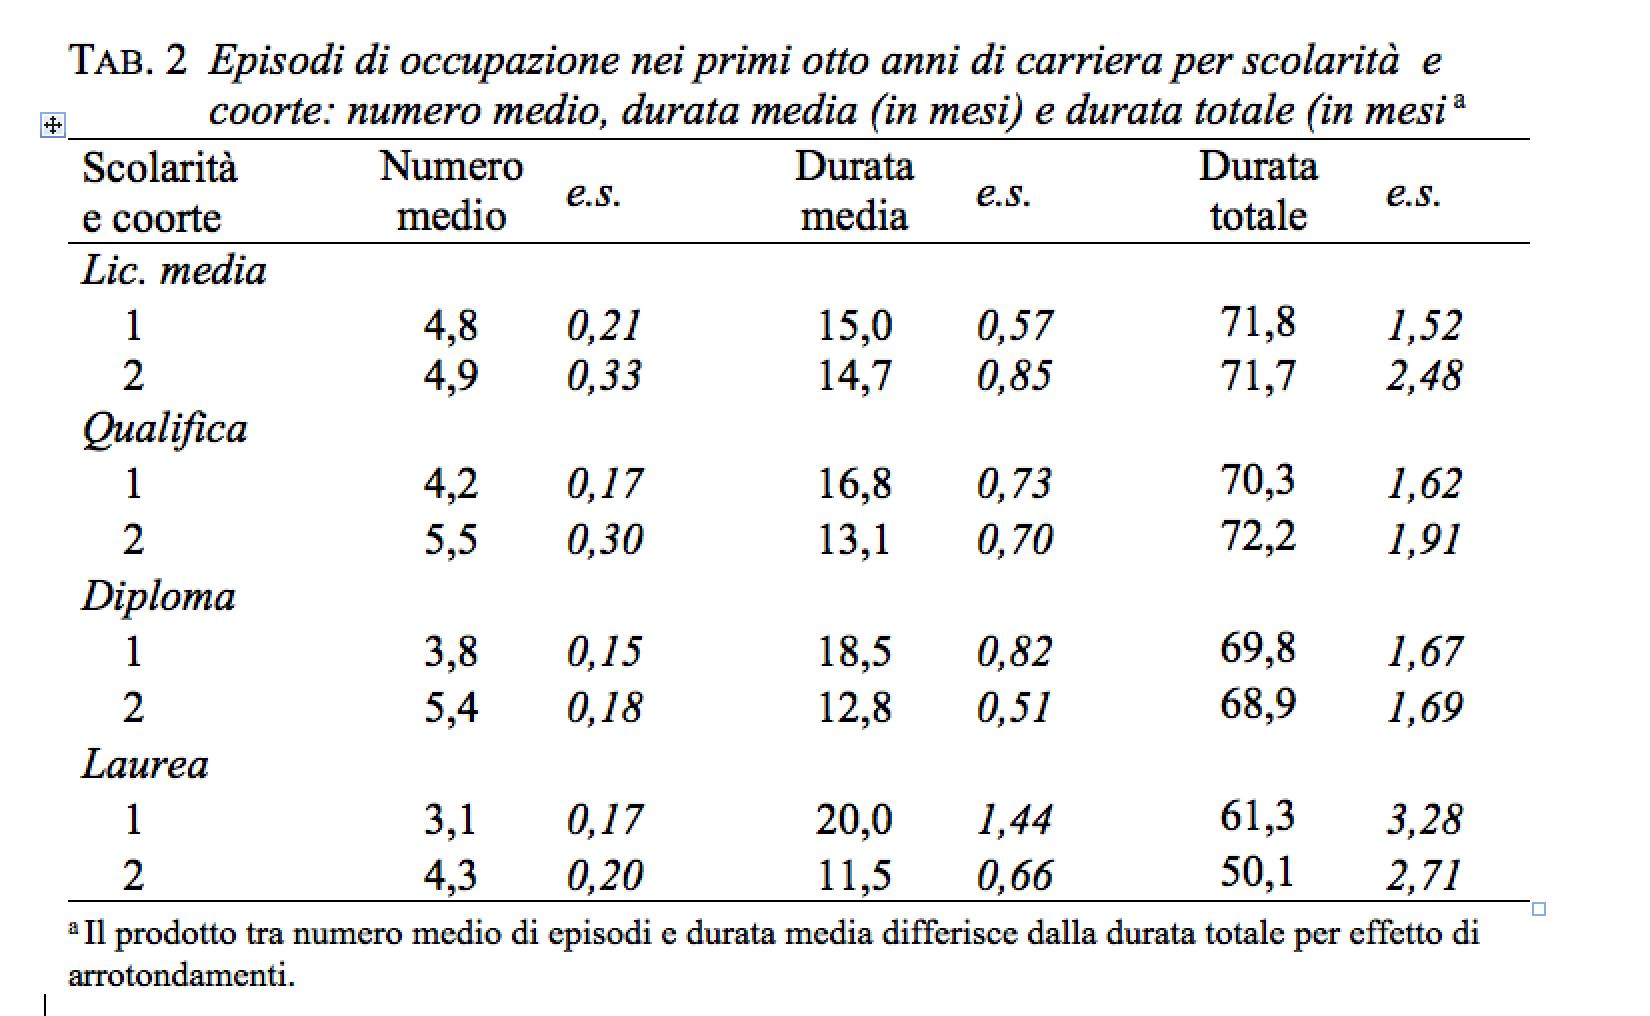 Già la Coorte 1 mostra una mobilità di lavoro piuttosto alta  oltre 4  episodi di occupazione 9236290c754